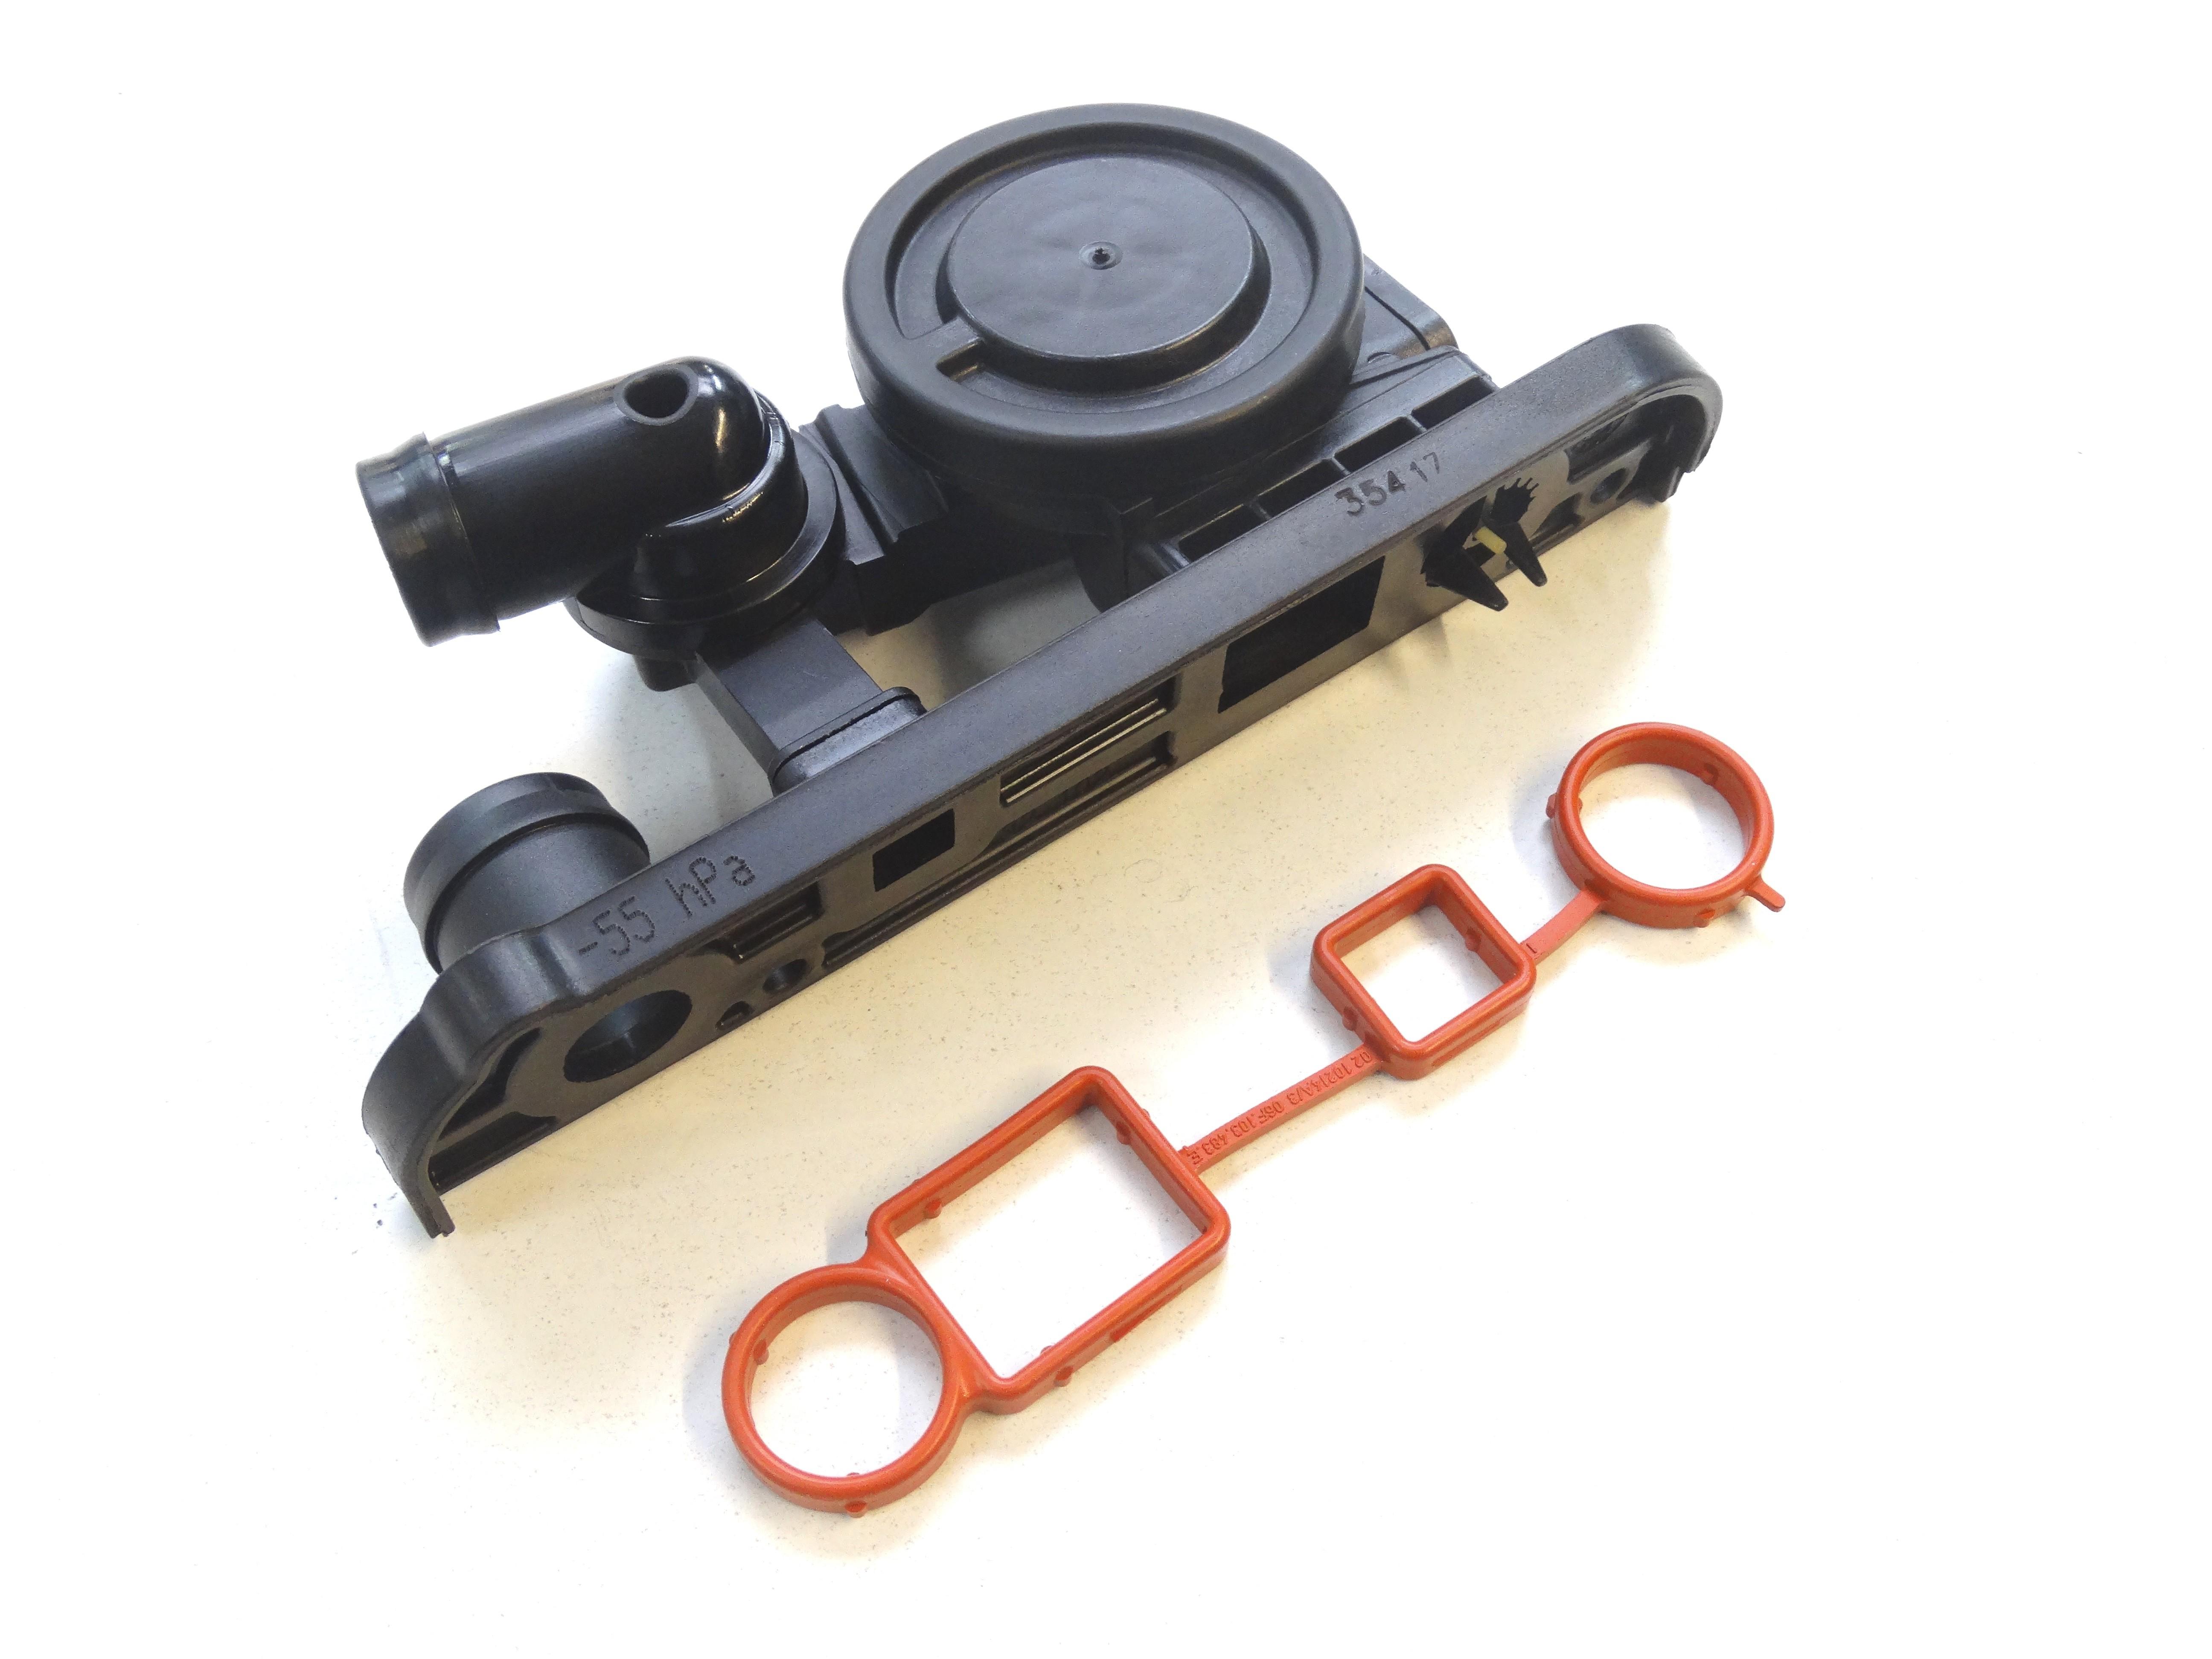 ORIGINAL VW Druckregelventil Ventil Kurbelgehäuseentlüftung 06F129101R NEU+Dtg.